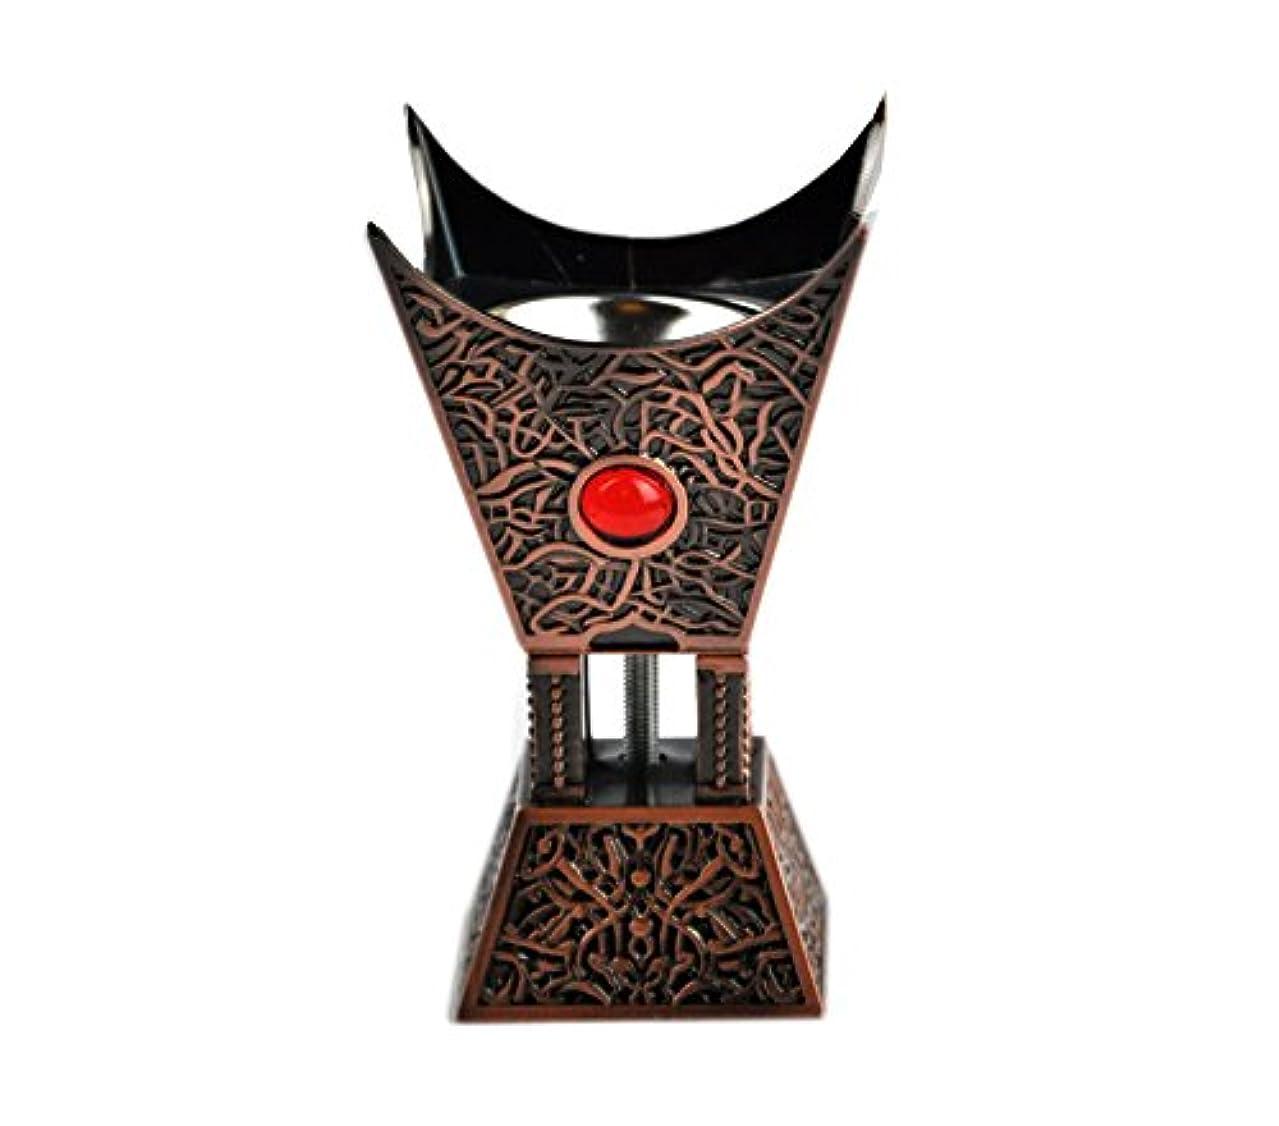 更新するビルダー思い出させるArabia Incense / bakhoor Burner ( Mabkhara ) – Oud Burner、ブロンズ、トレイInside – USA Seller